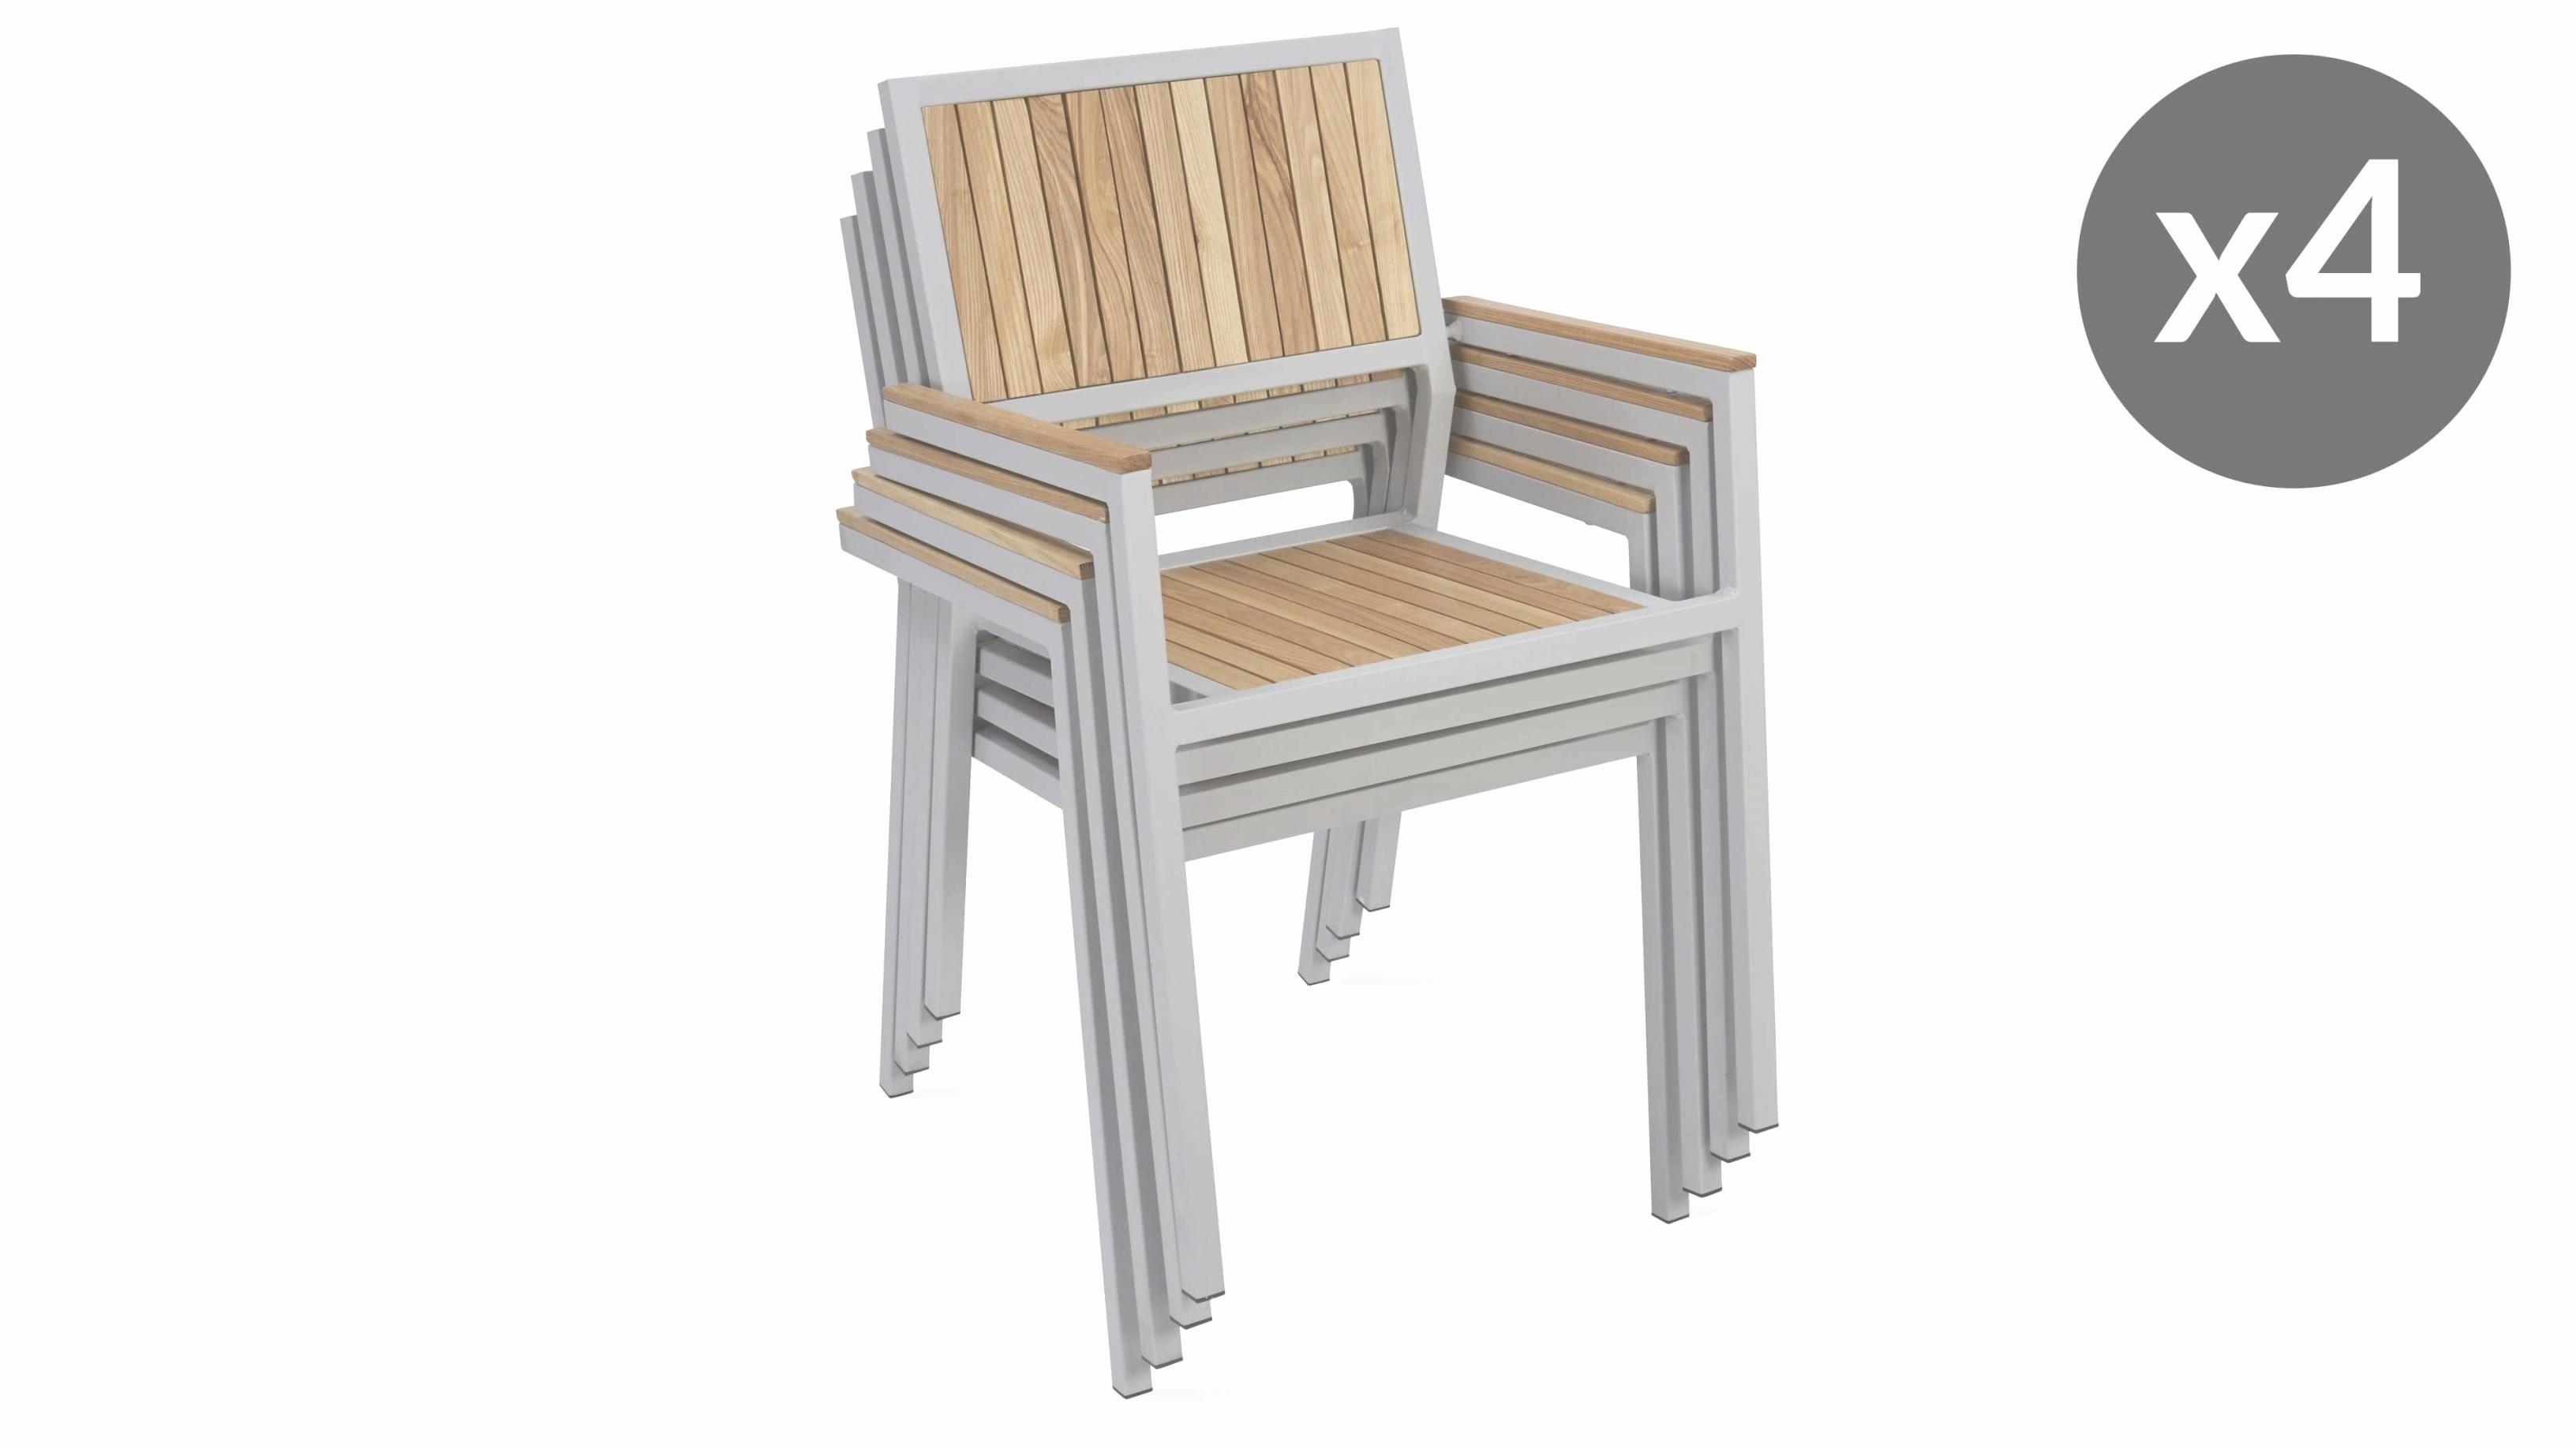 Transat Jardin Carrefour Nouveau Collection Table Et Chaise De Jardin Carrefour Avec Joli Chaise De Jardin